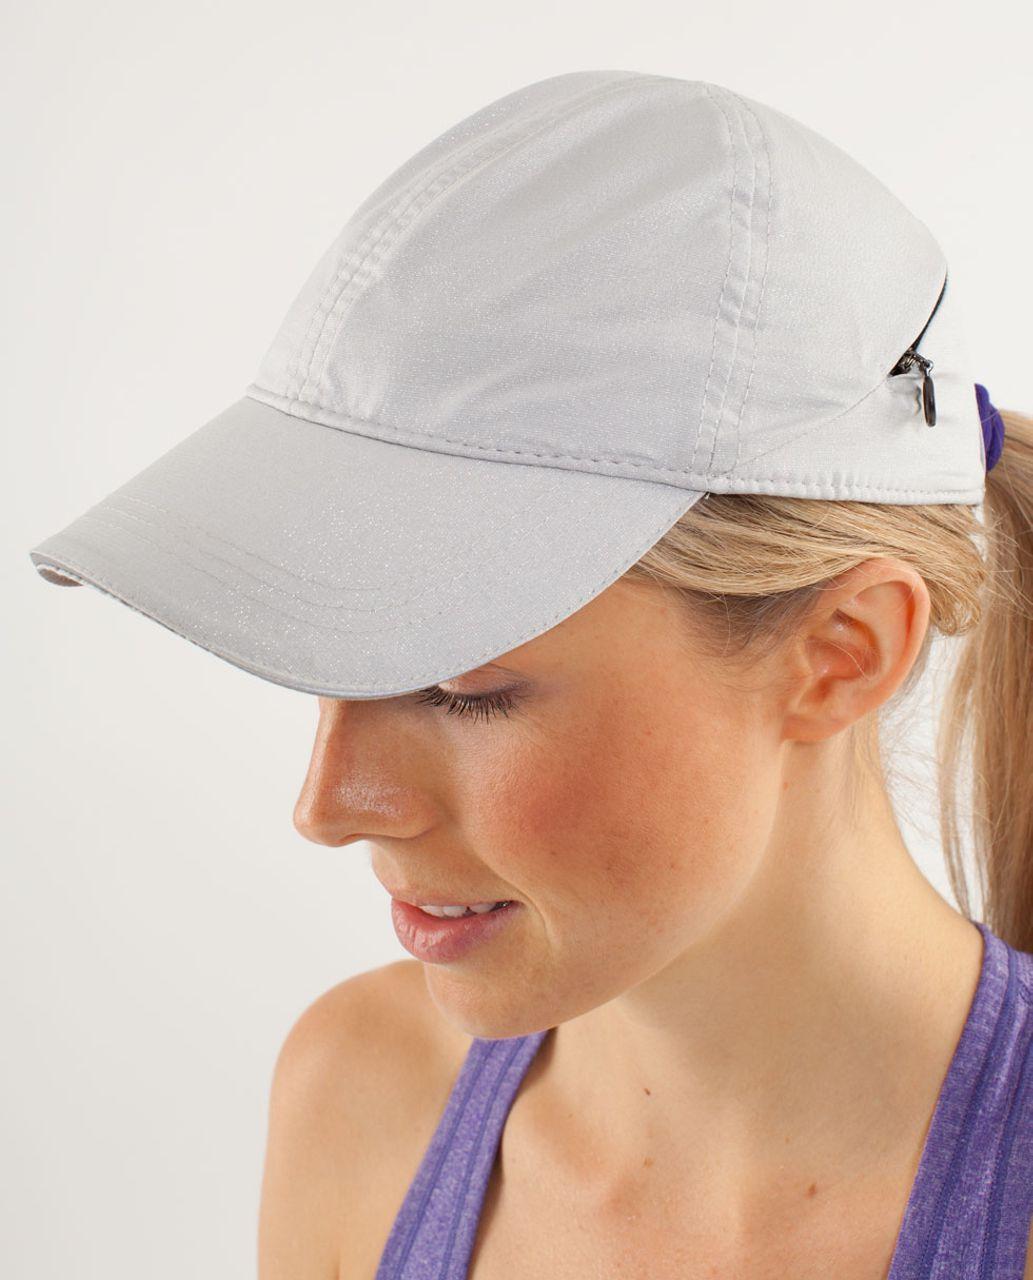 Lululemon Go The Distance Run Hat - Silver - lulu fanatics f9e8ec6de4c2